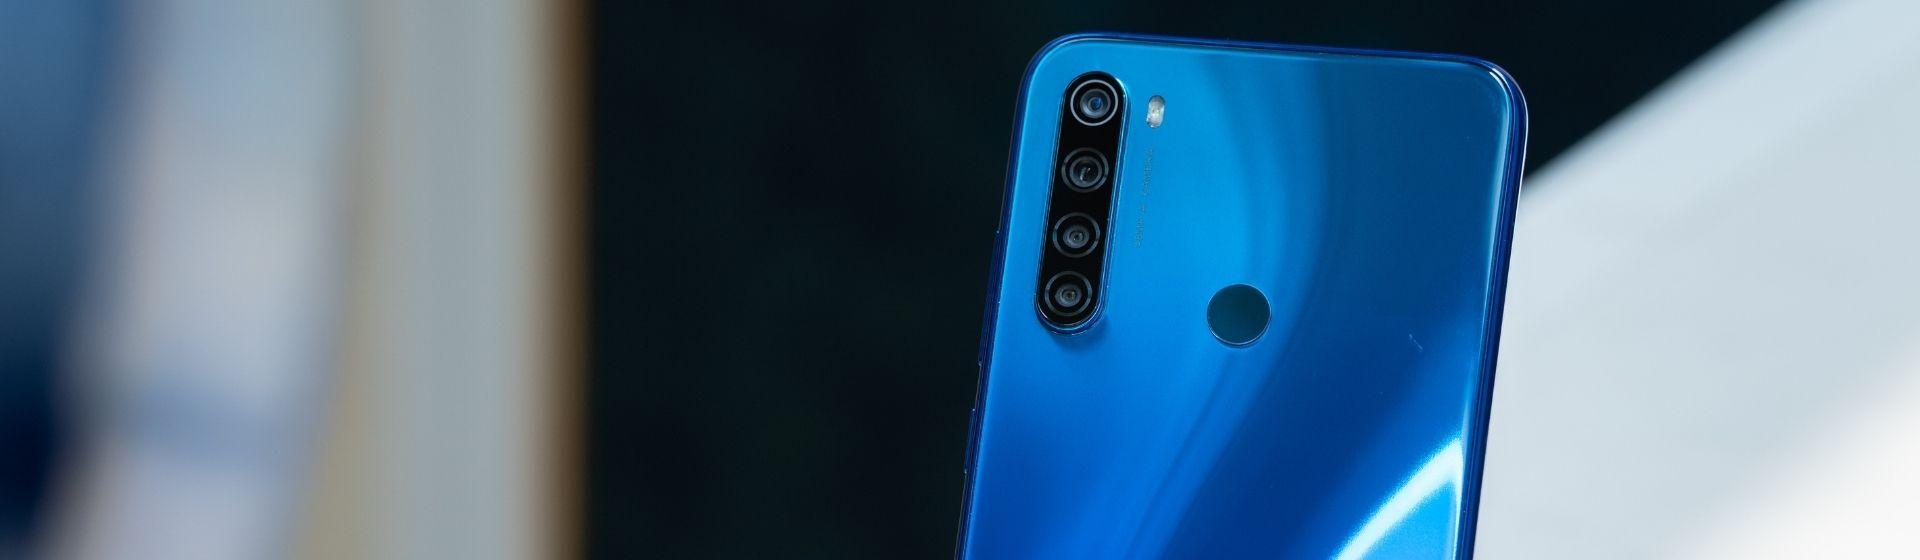 Celulares mais vendidos em março de 2021: Redmi Note 8 segue líder